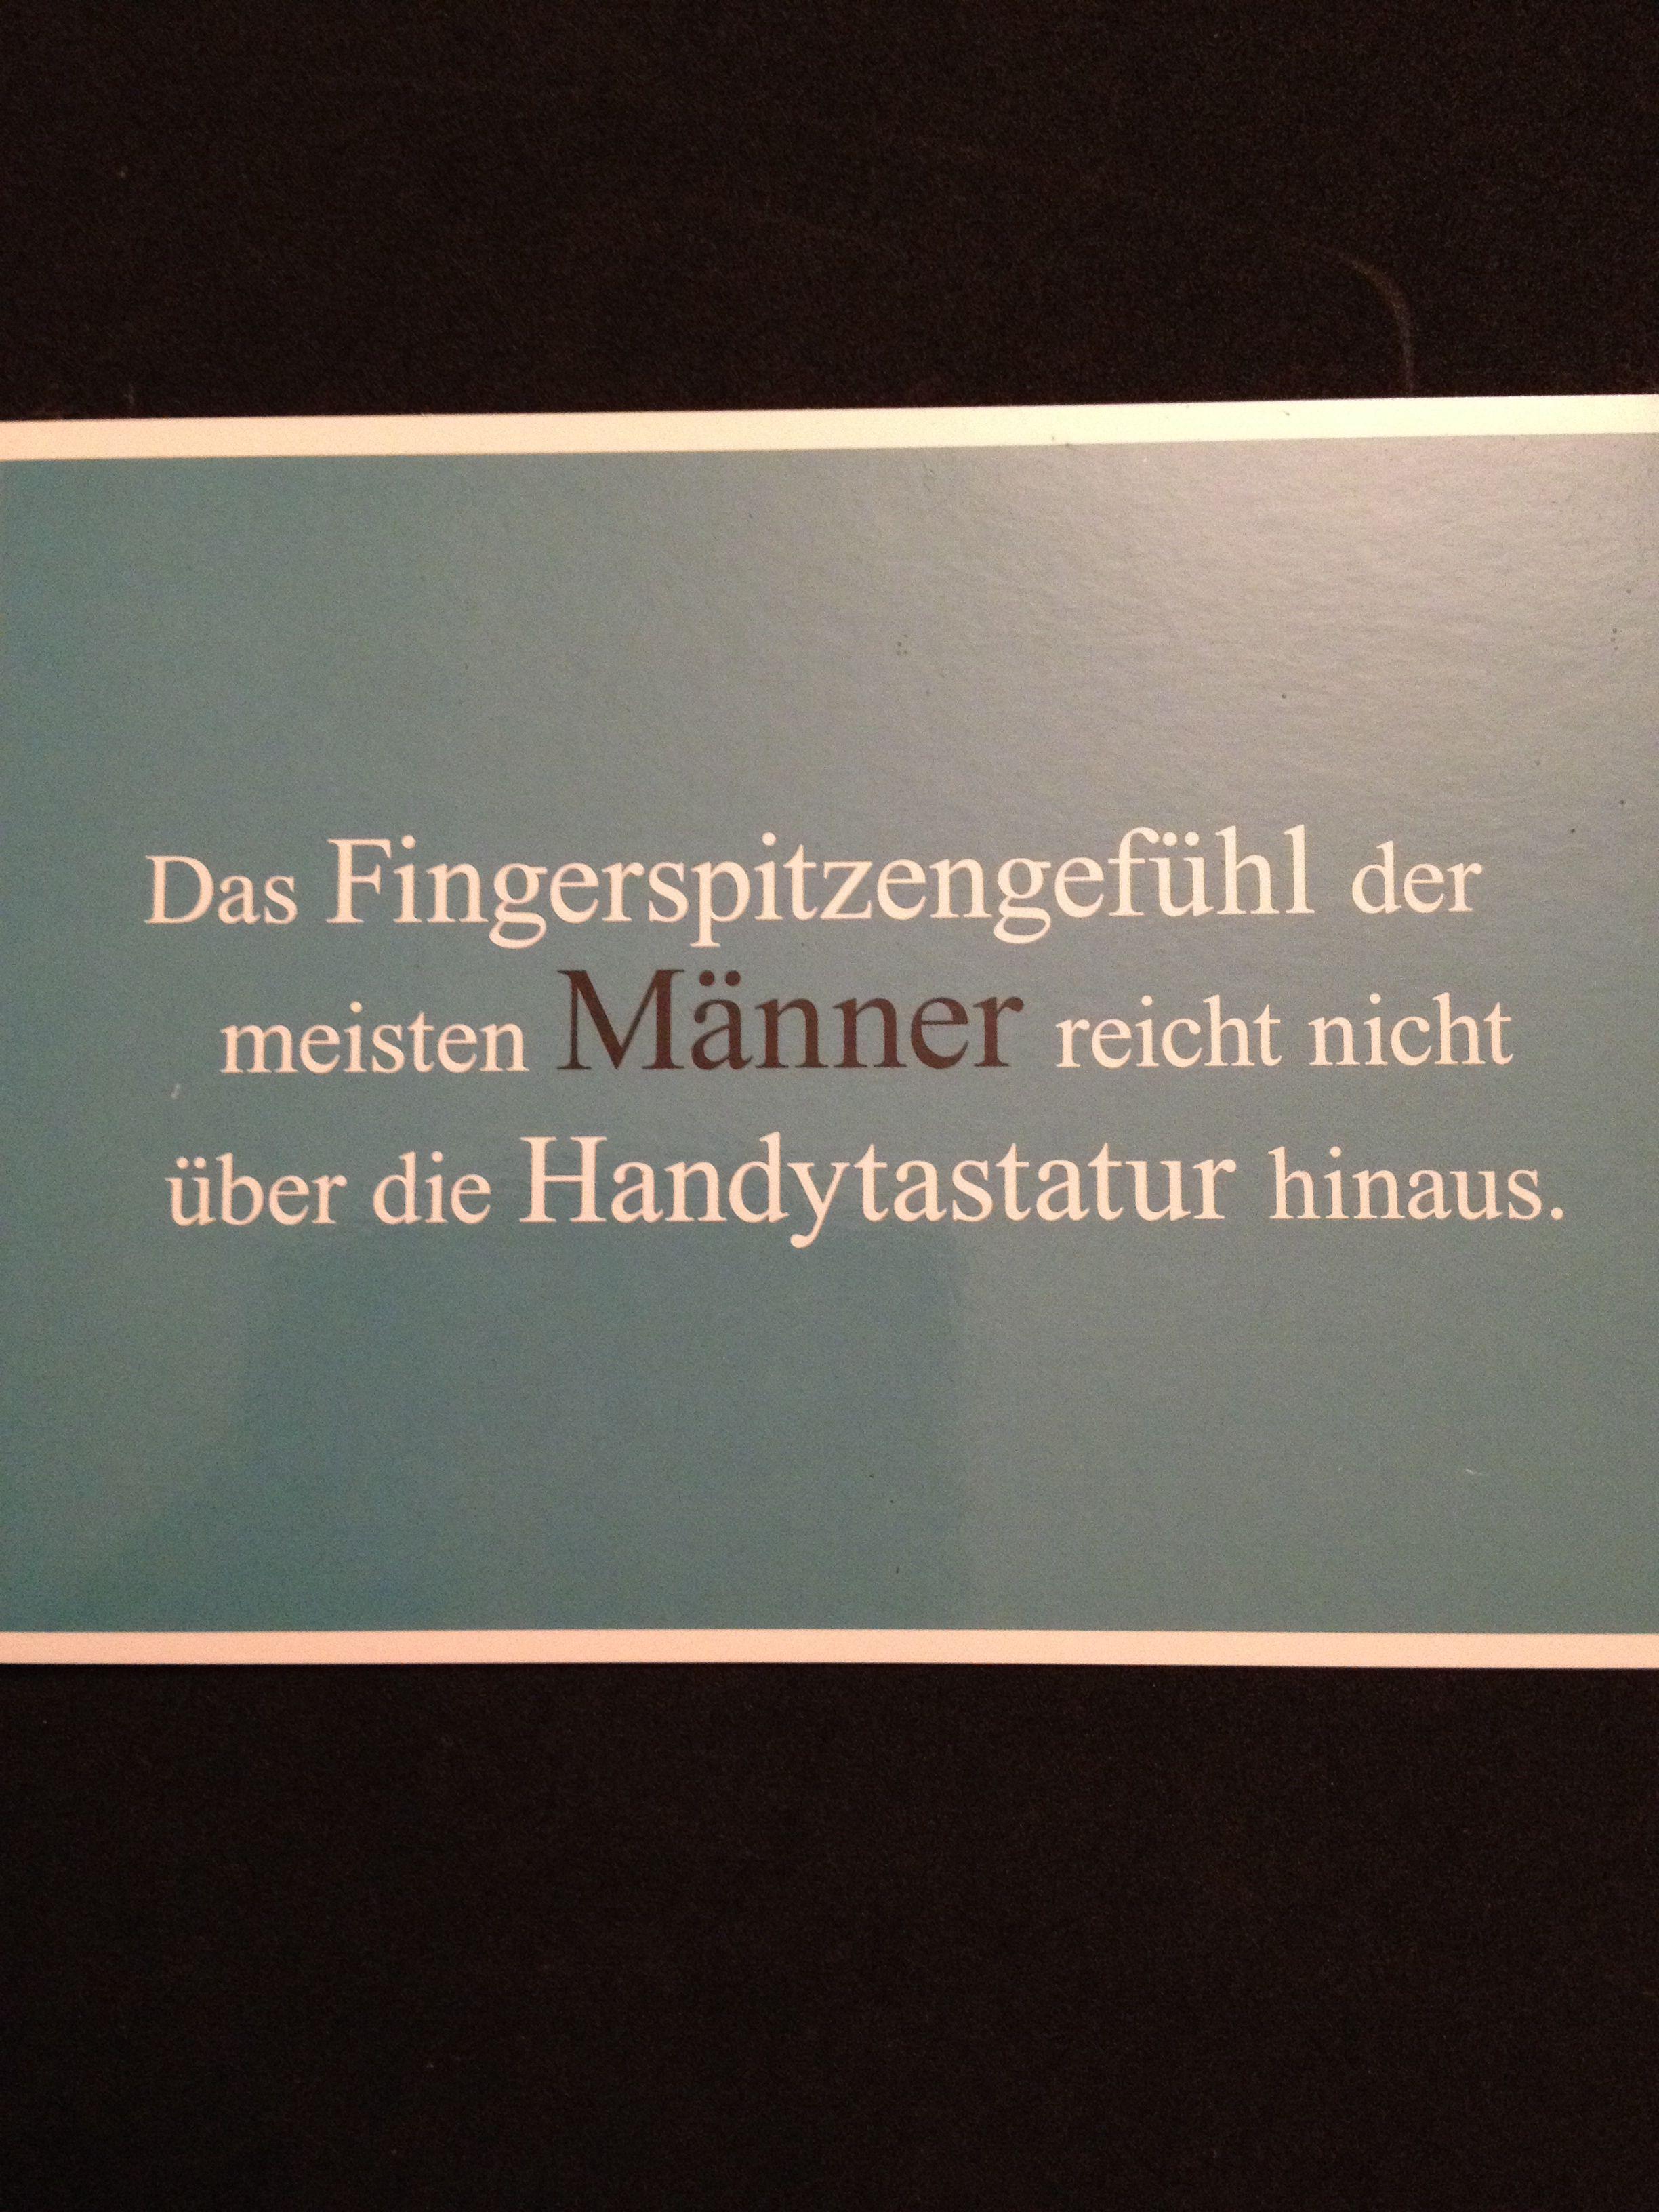 Pin von Christel Schäfer auf Männer | Männer zitate, Böse sprüche